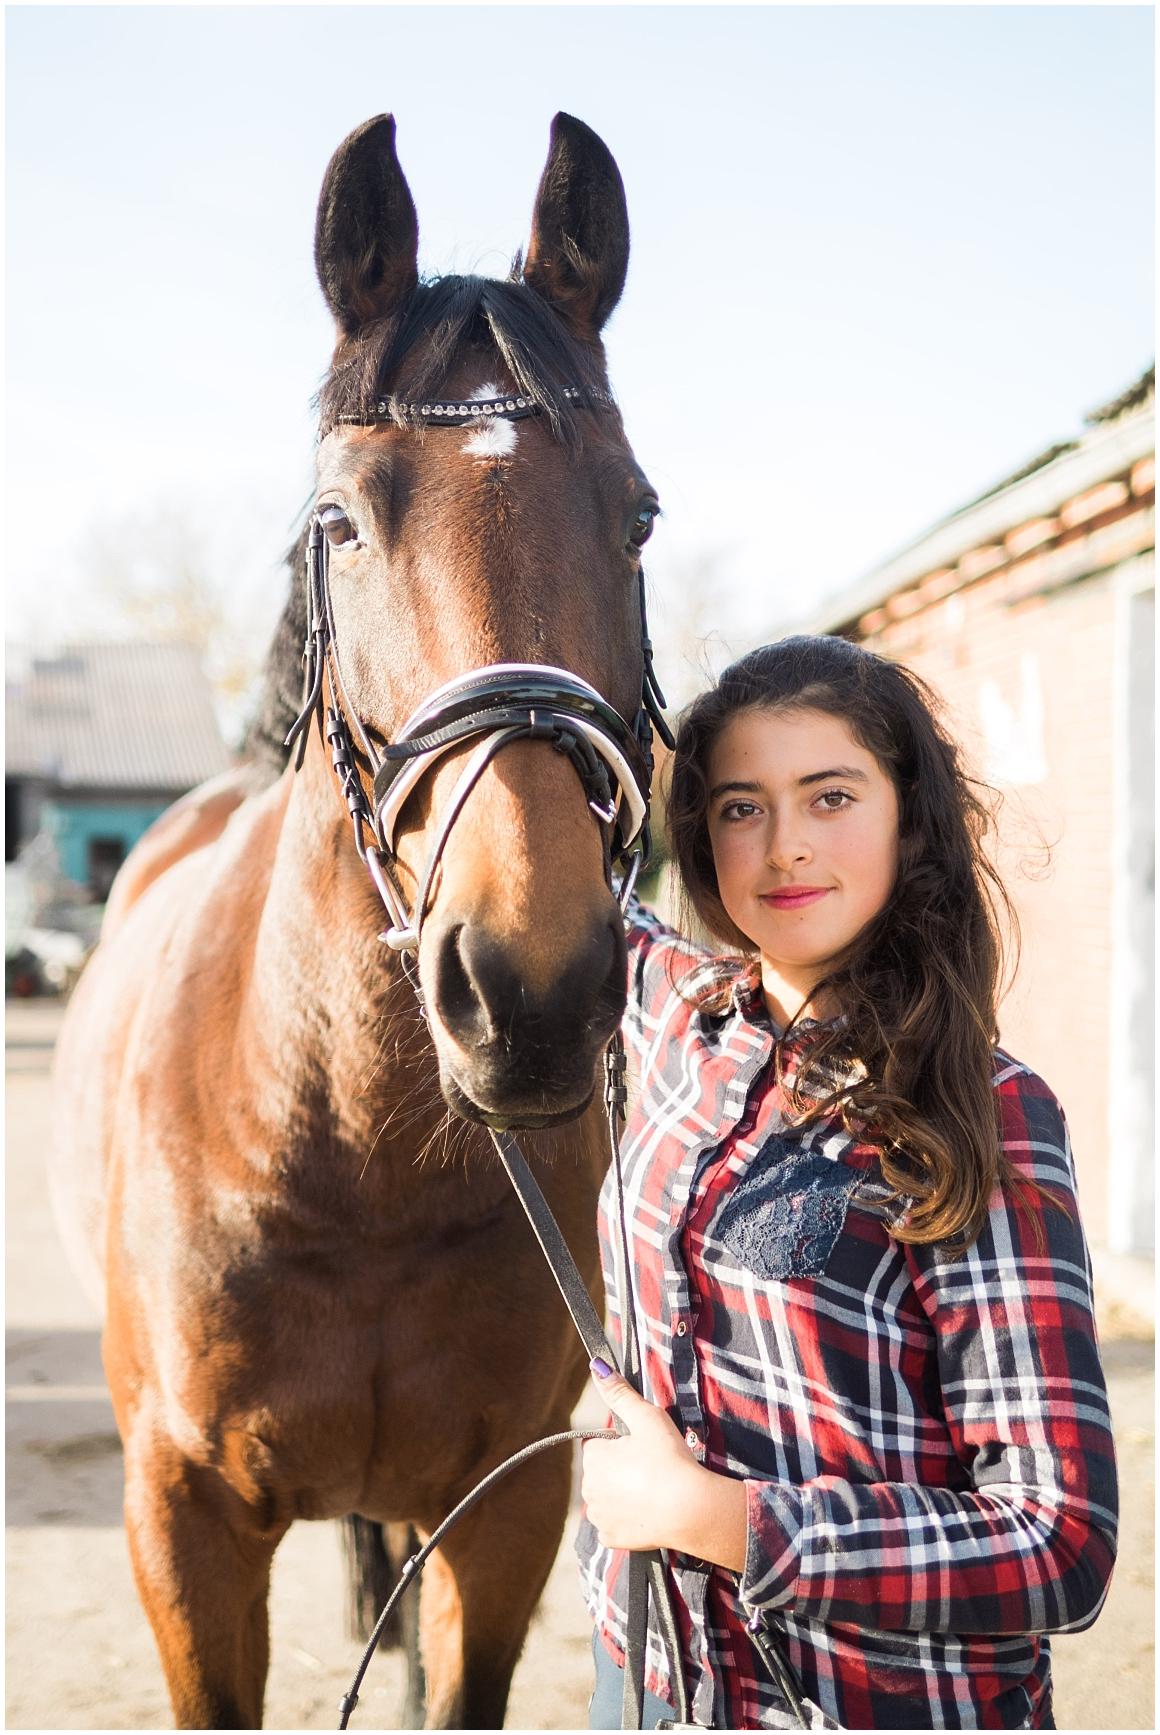 pferdefotograf-pferdeportrait-fotoshooting-mit-pferd-münchen-rosenheim-by-katrin-kind-photography_0011.jpg